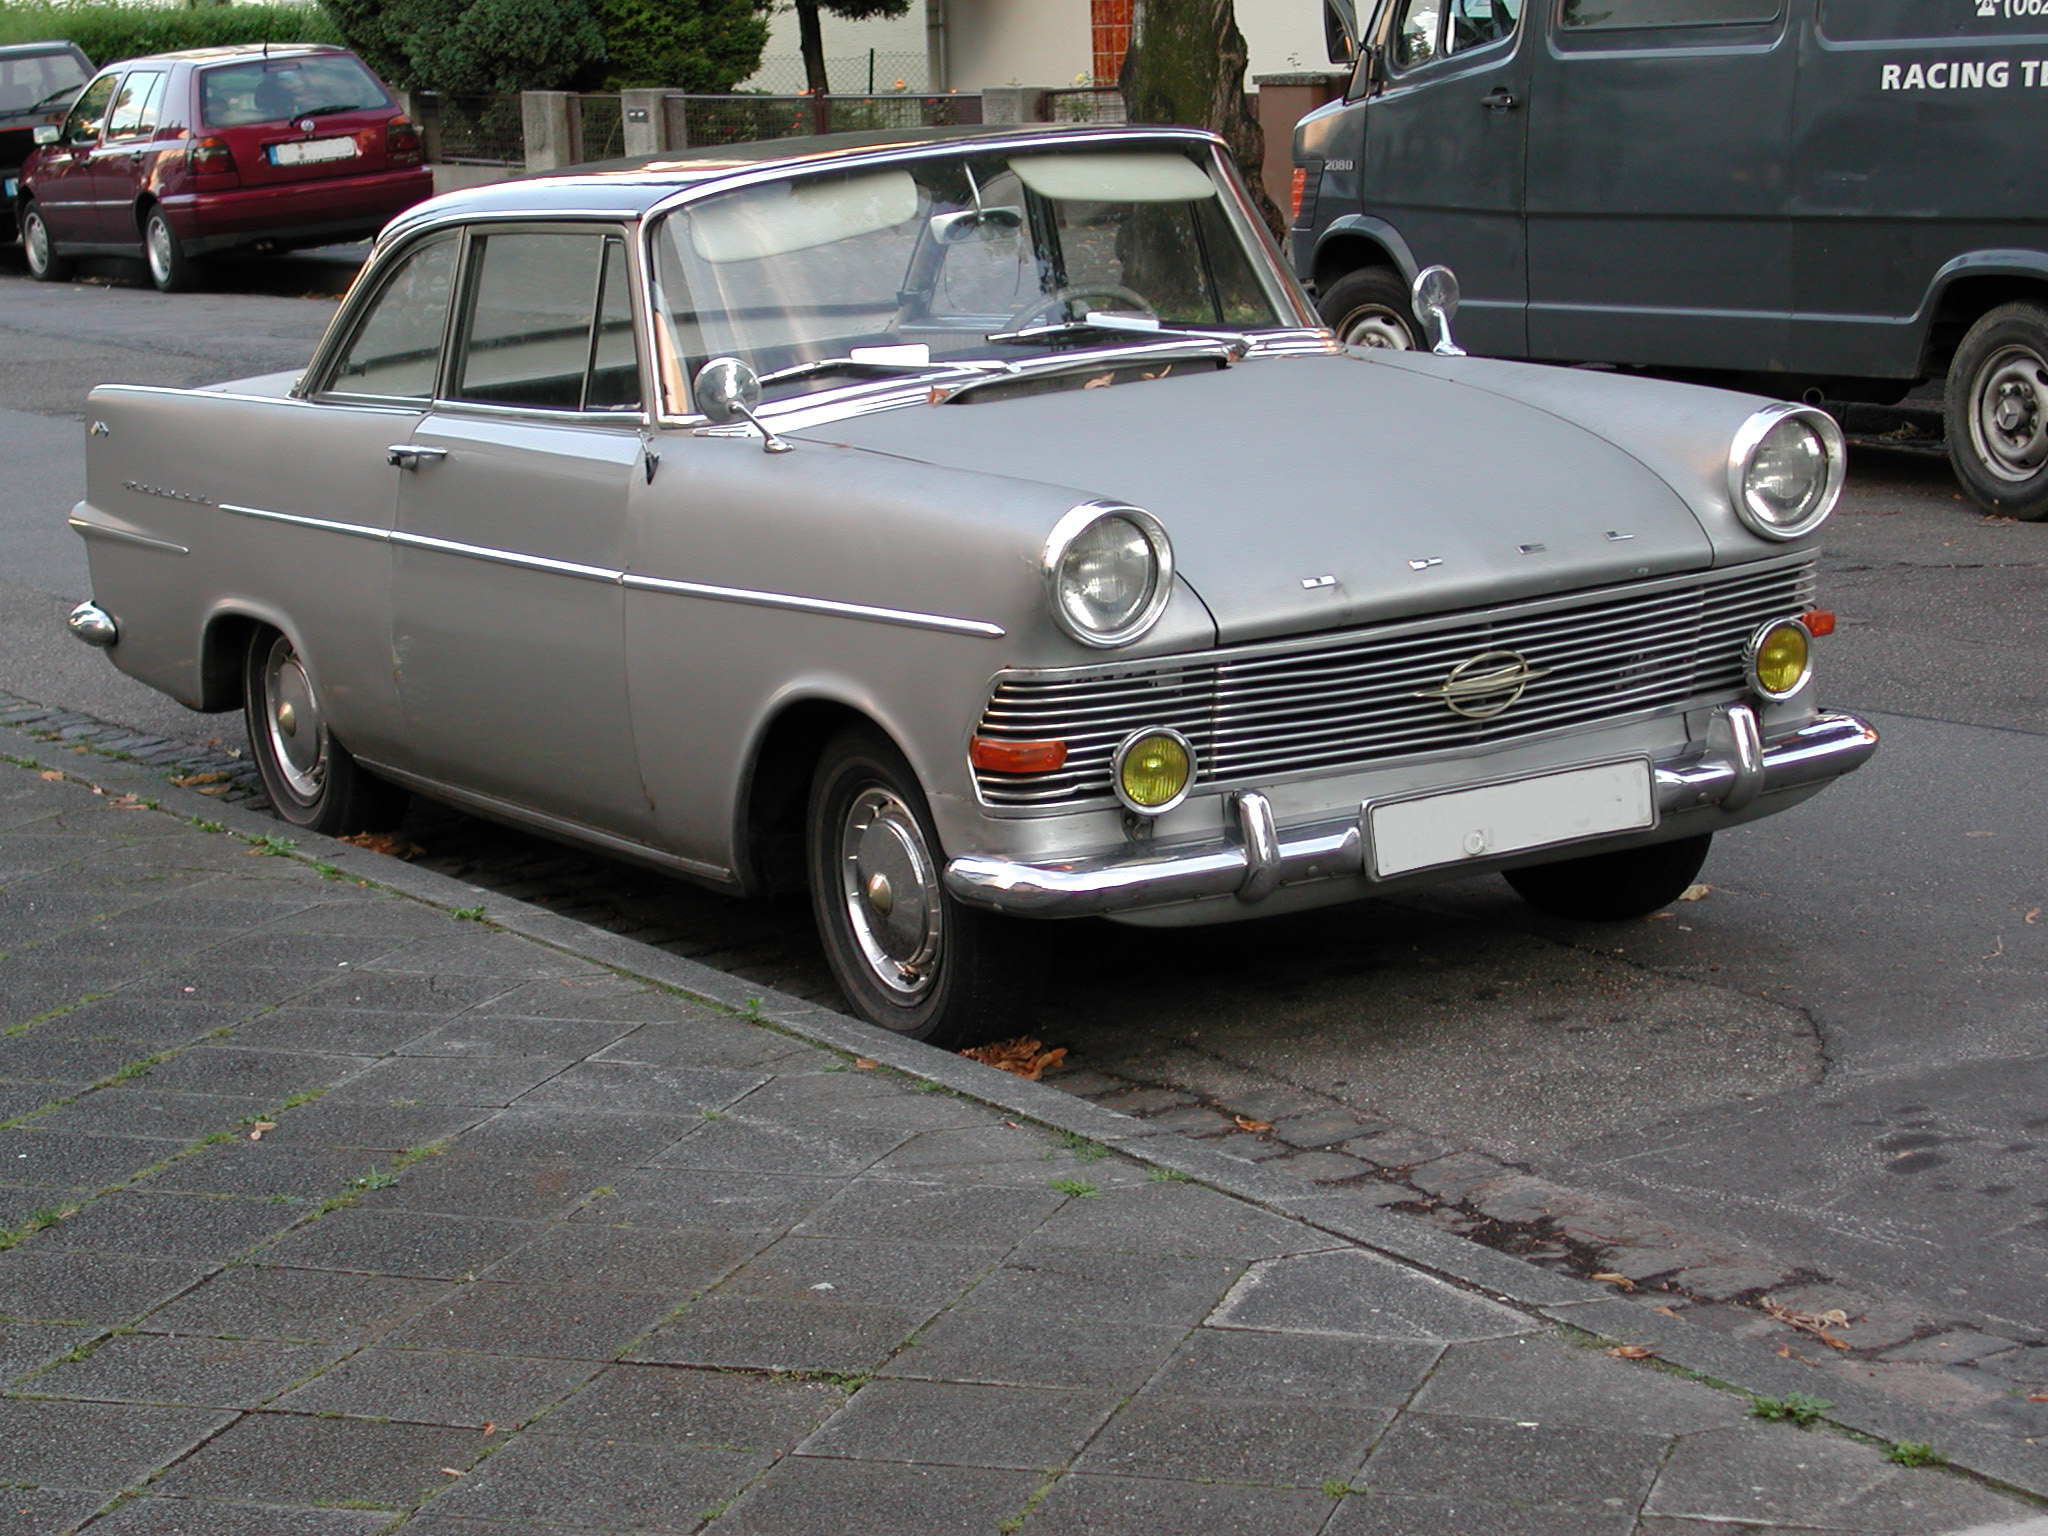 Opel Rekord occasion auto à vendre en Belgique Autoccasion.be